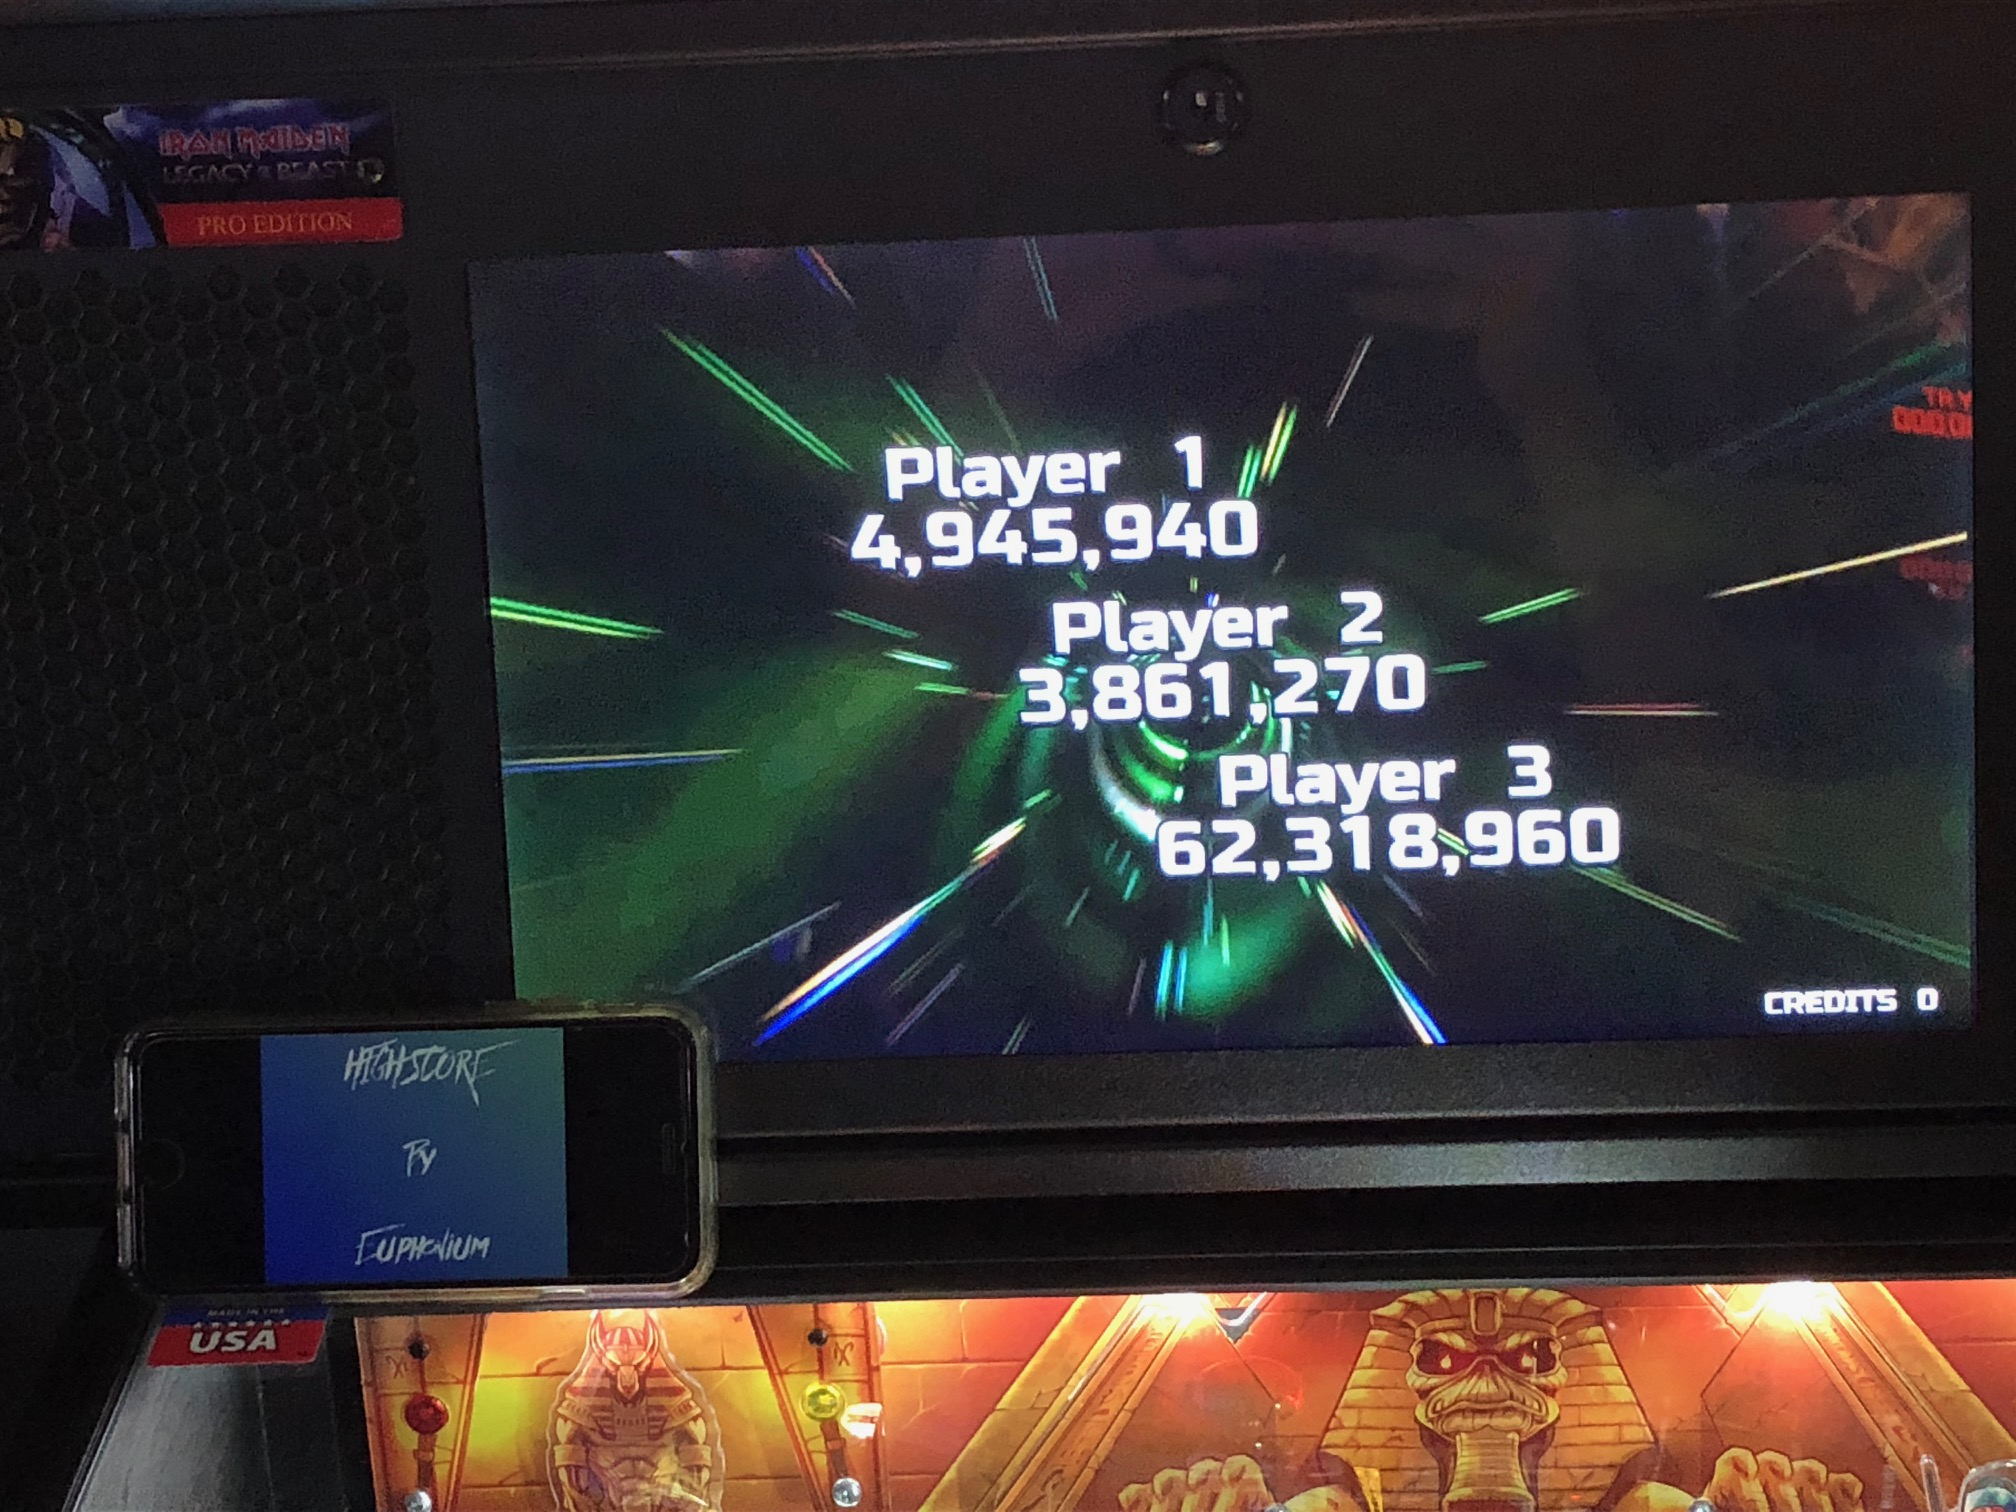 Iron Maiden 62,318,960 points